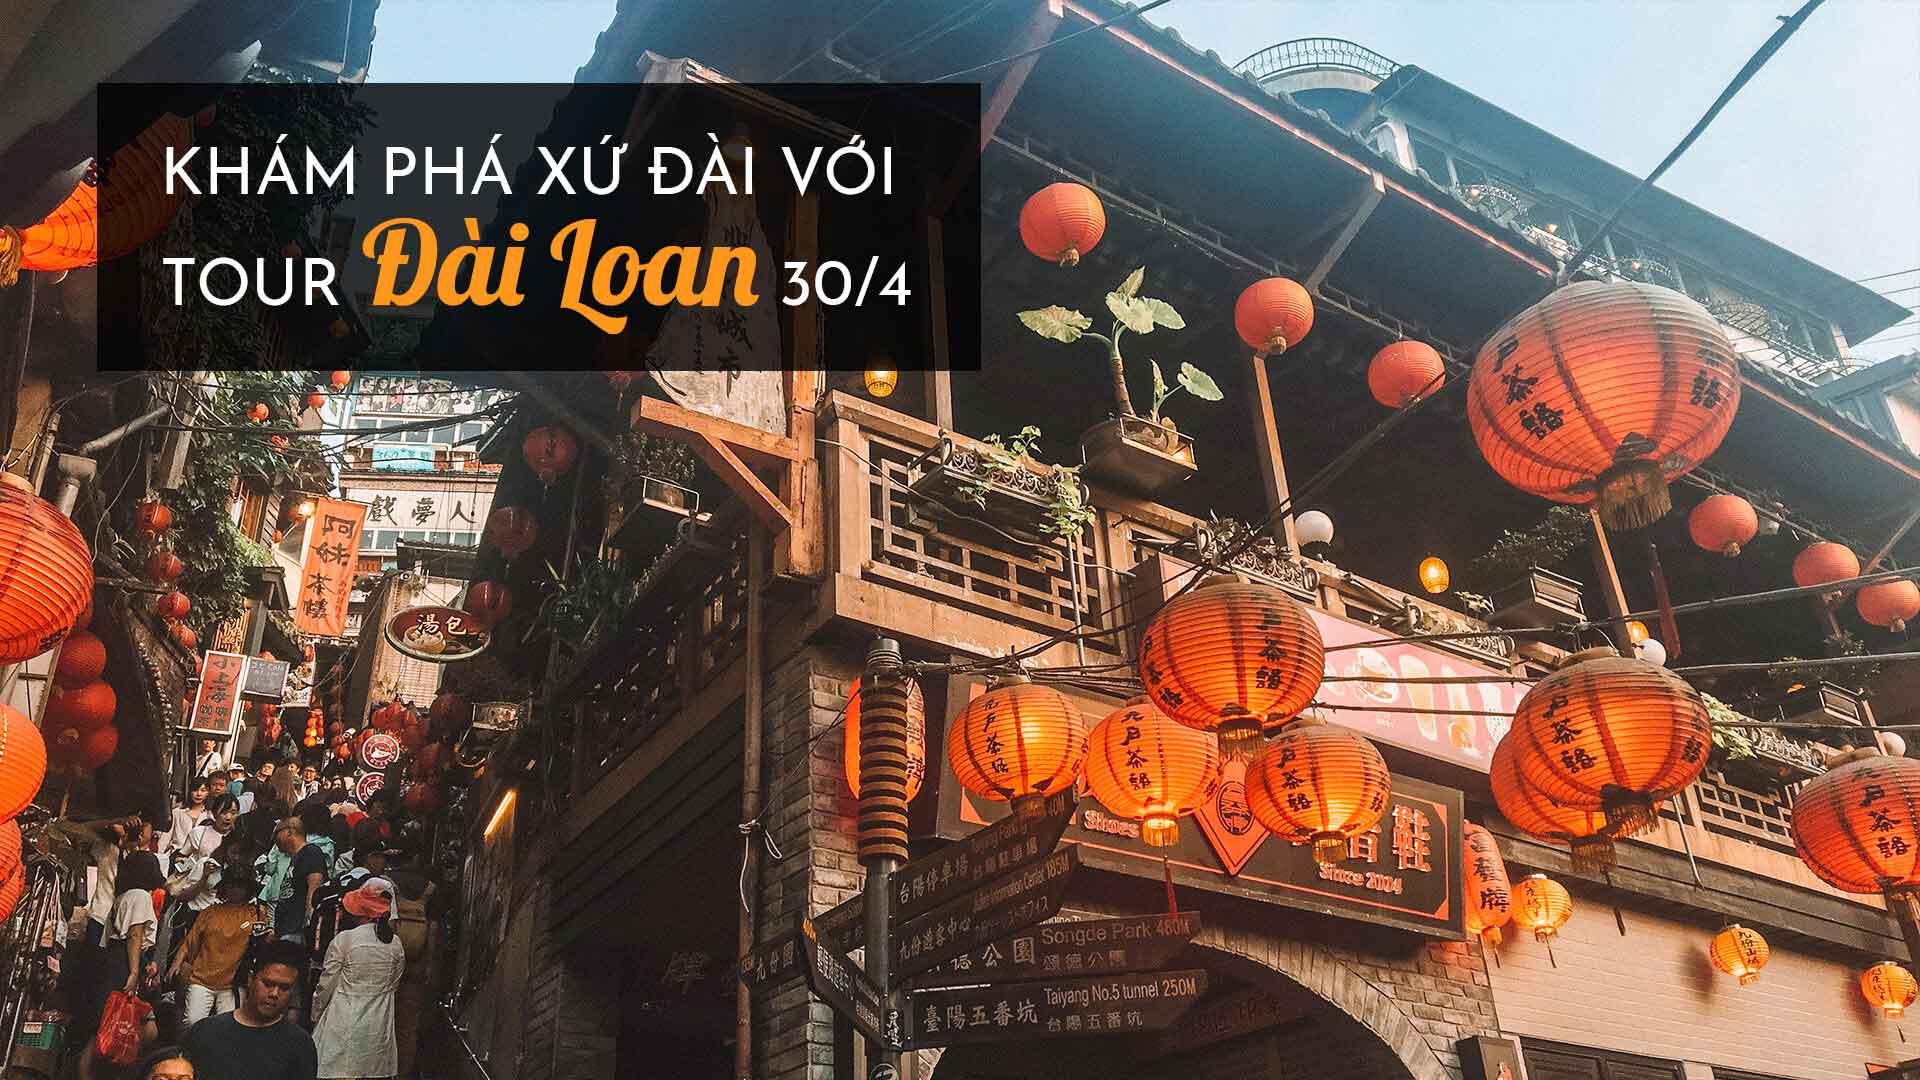 TOP 5 tour Đài Loan 30/4 - ƯU ĐÃI và HẤP DẪN nhất 2020